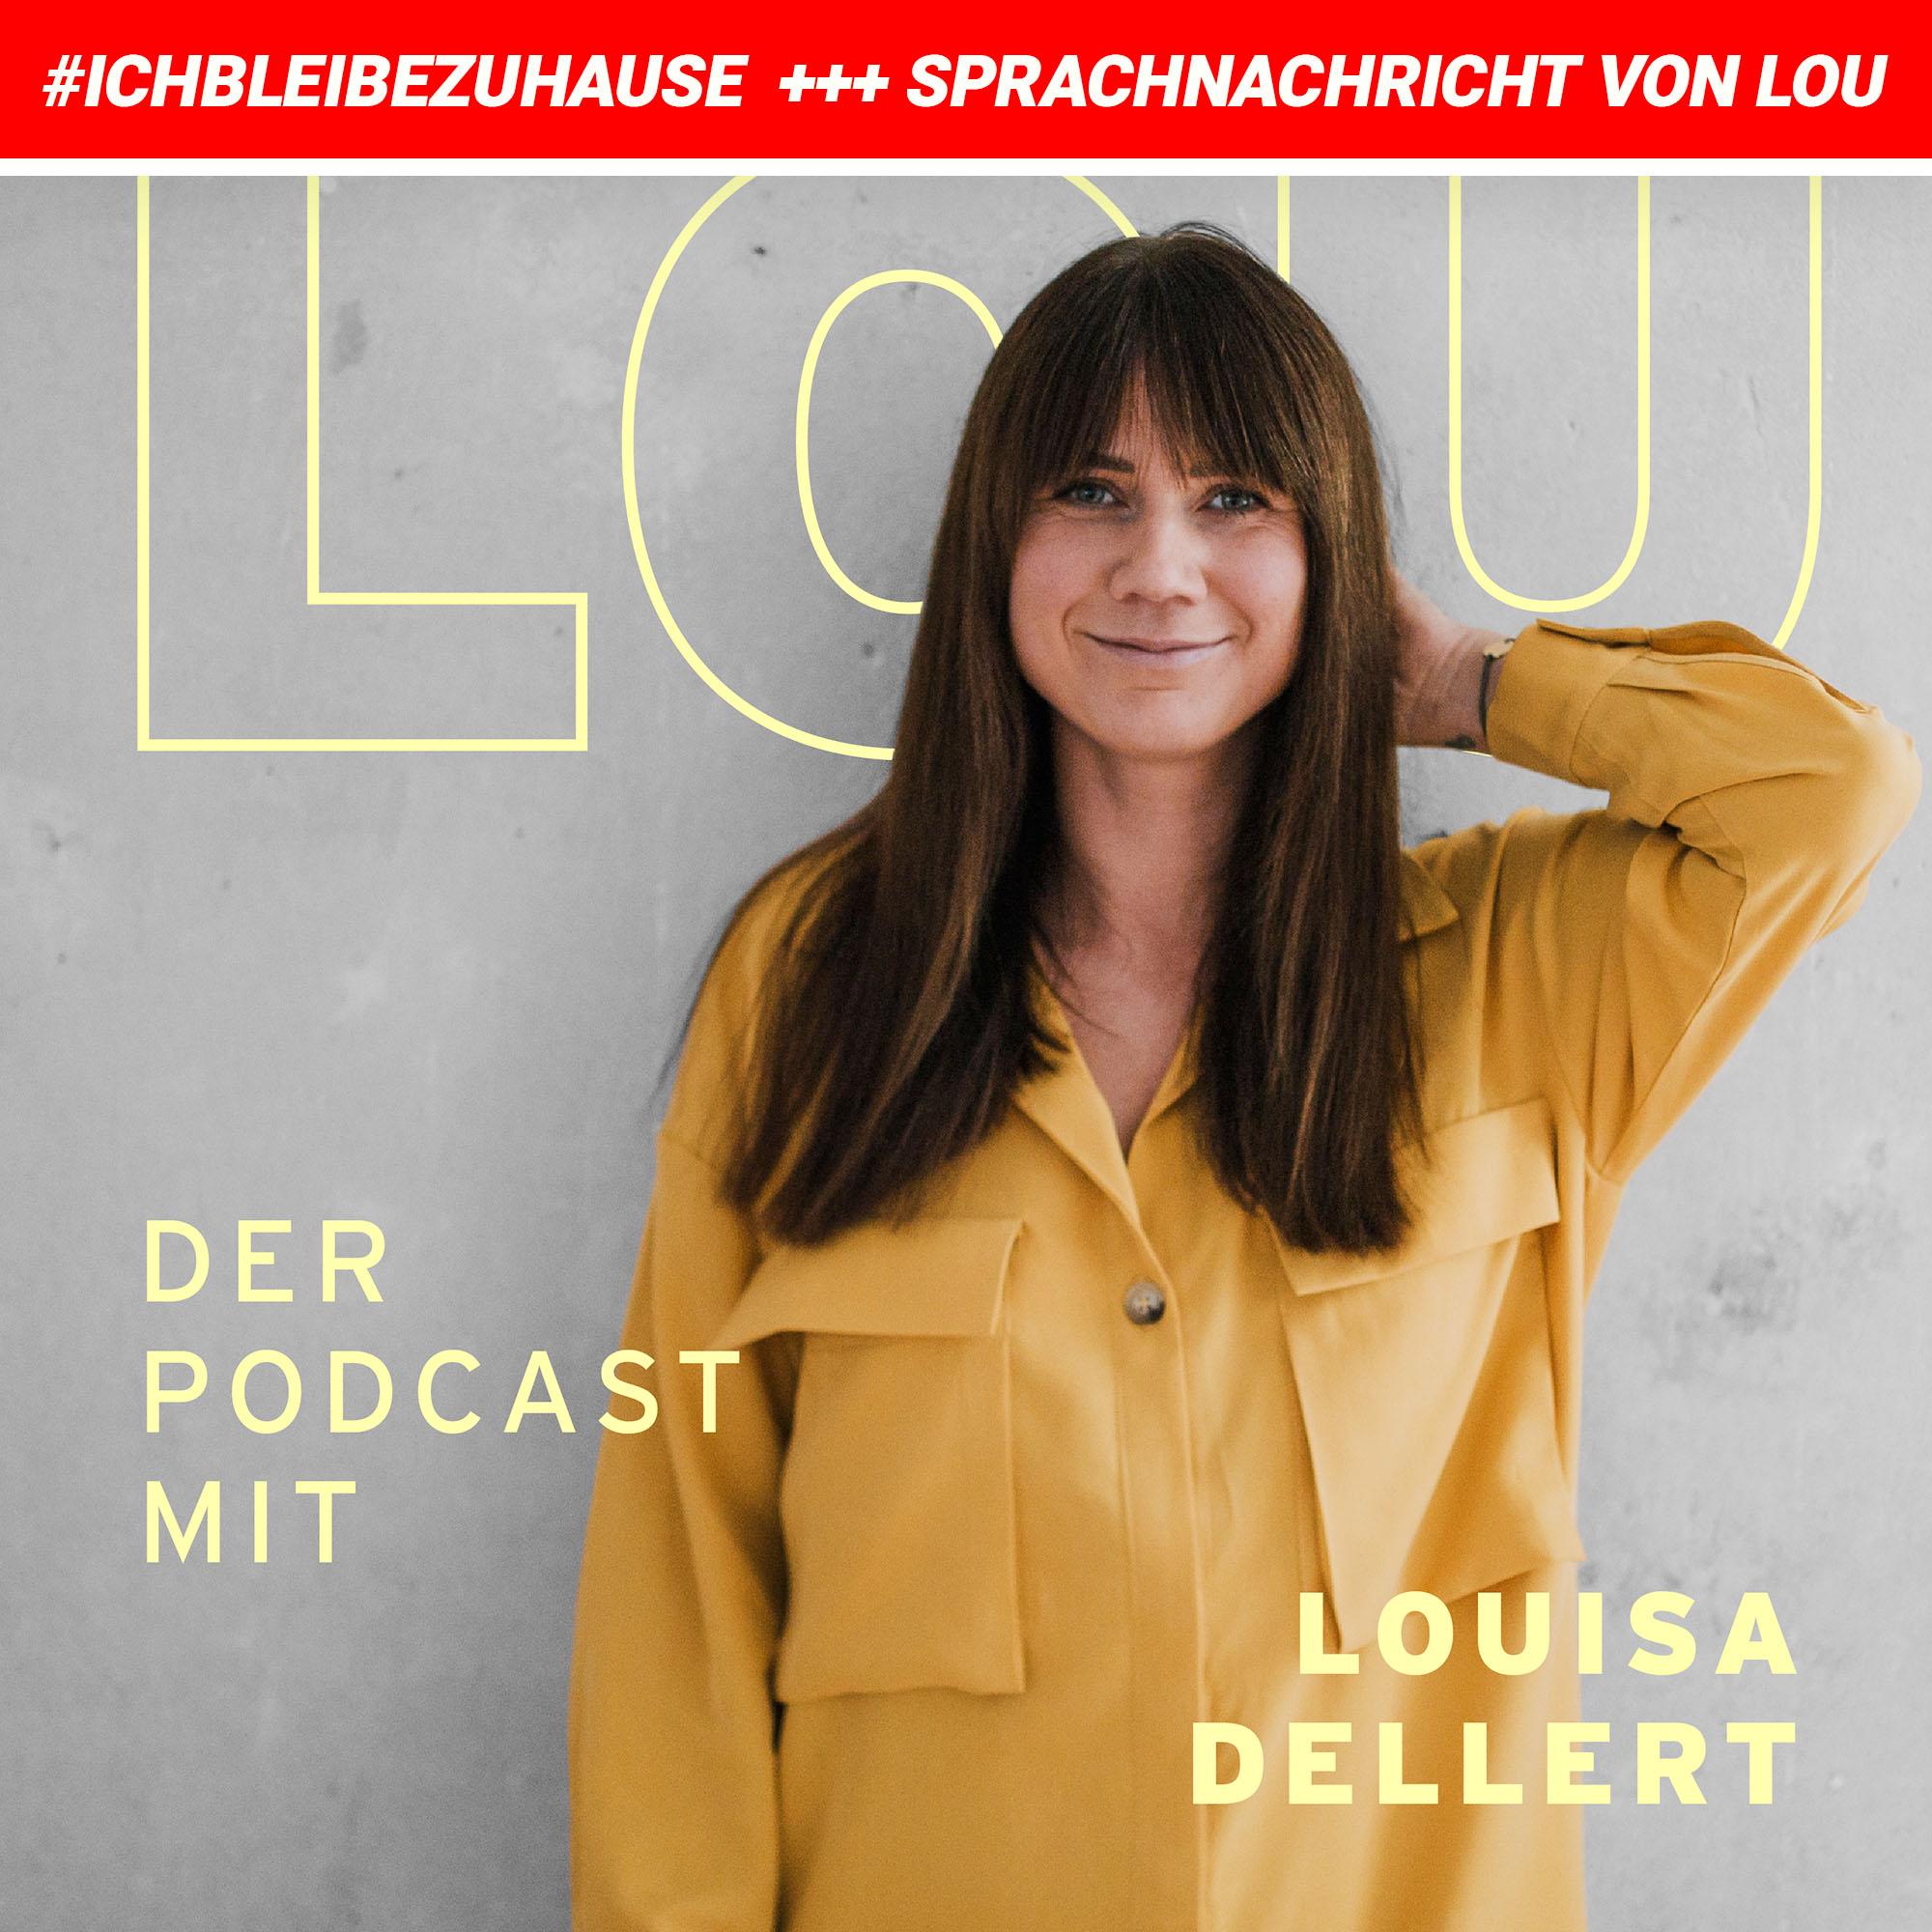 #ichbleibezuhause - Sprachnachricht von Lou Vol. 12